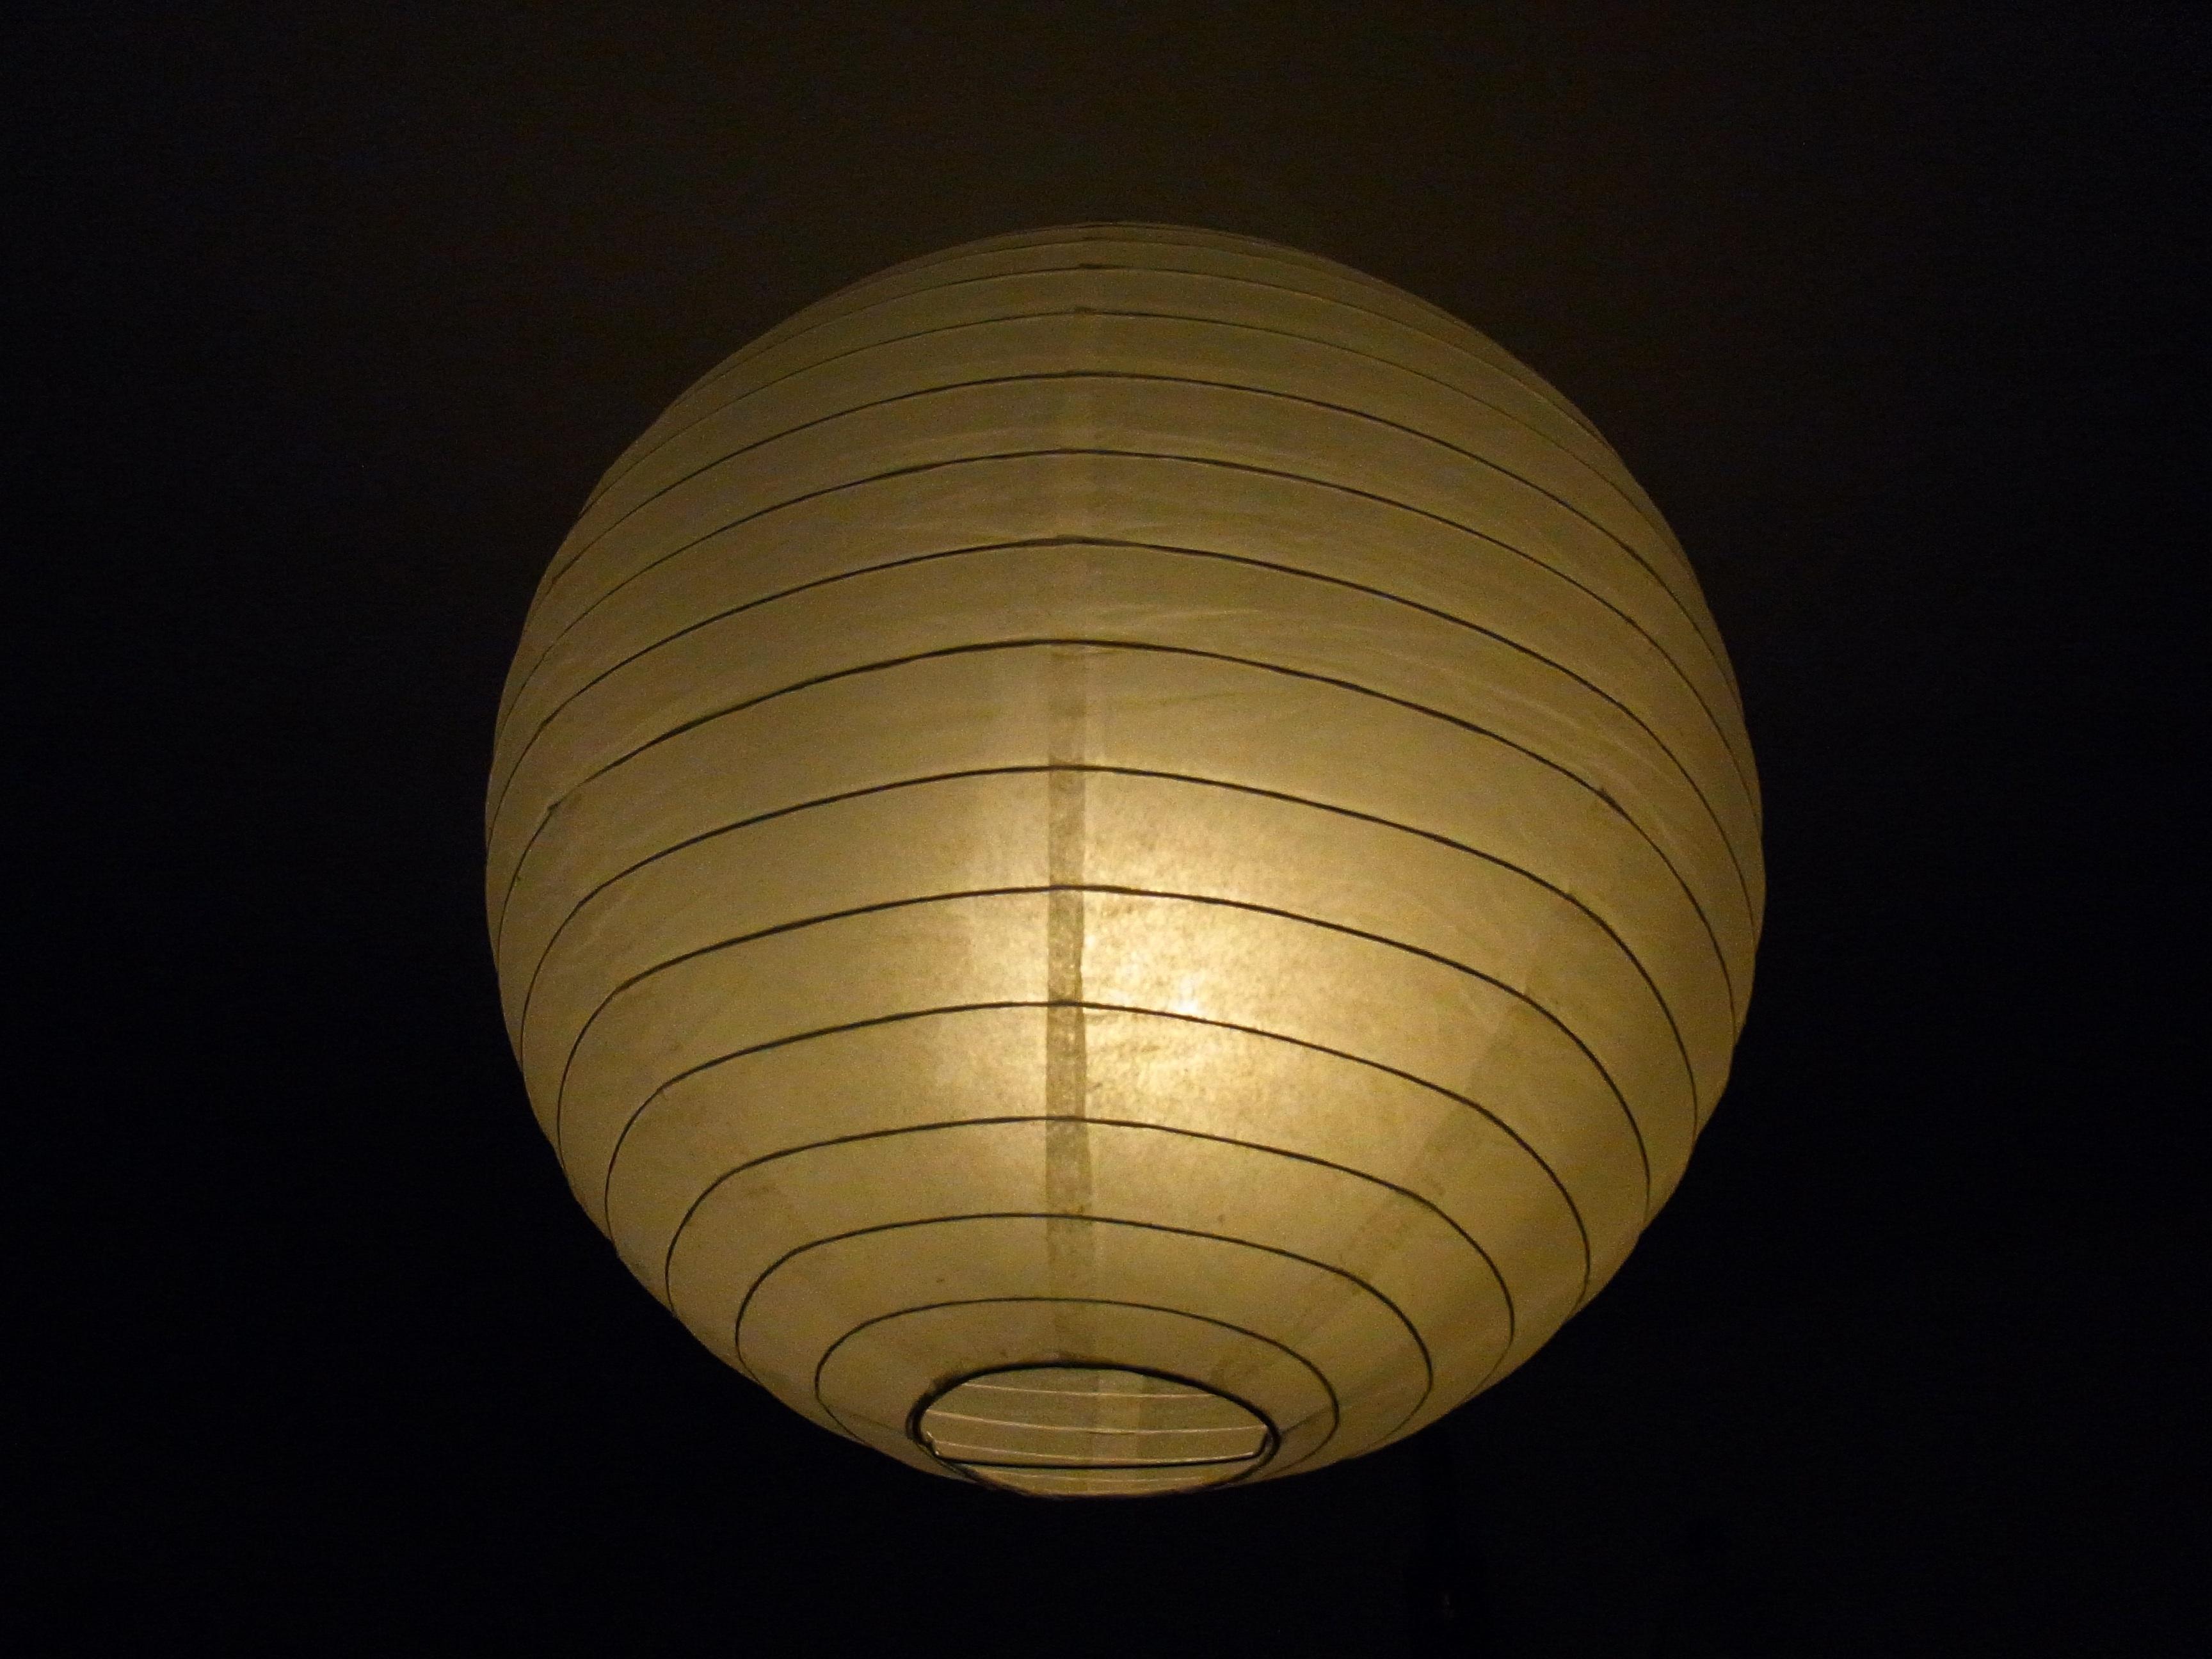 Paper light fixture lighting designs - Paper light fixtures ...